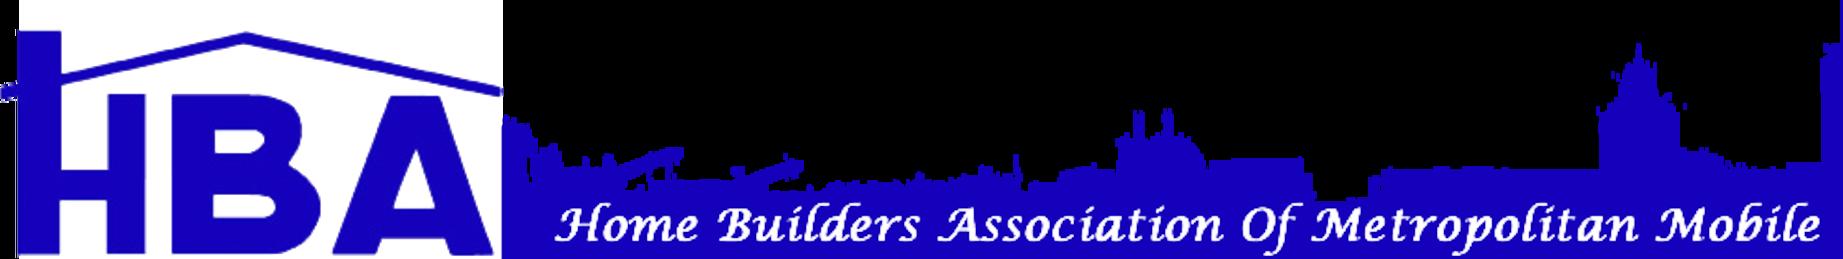 HBA of Metropolitan Mobile Member Directory Logo